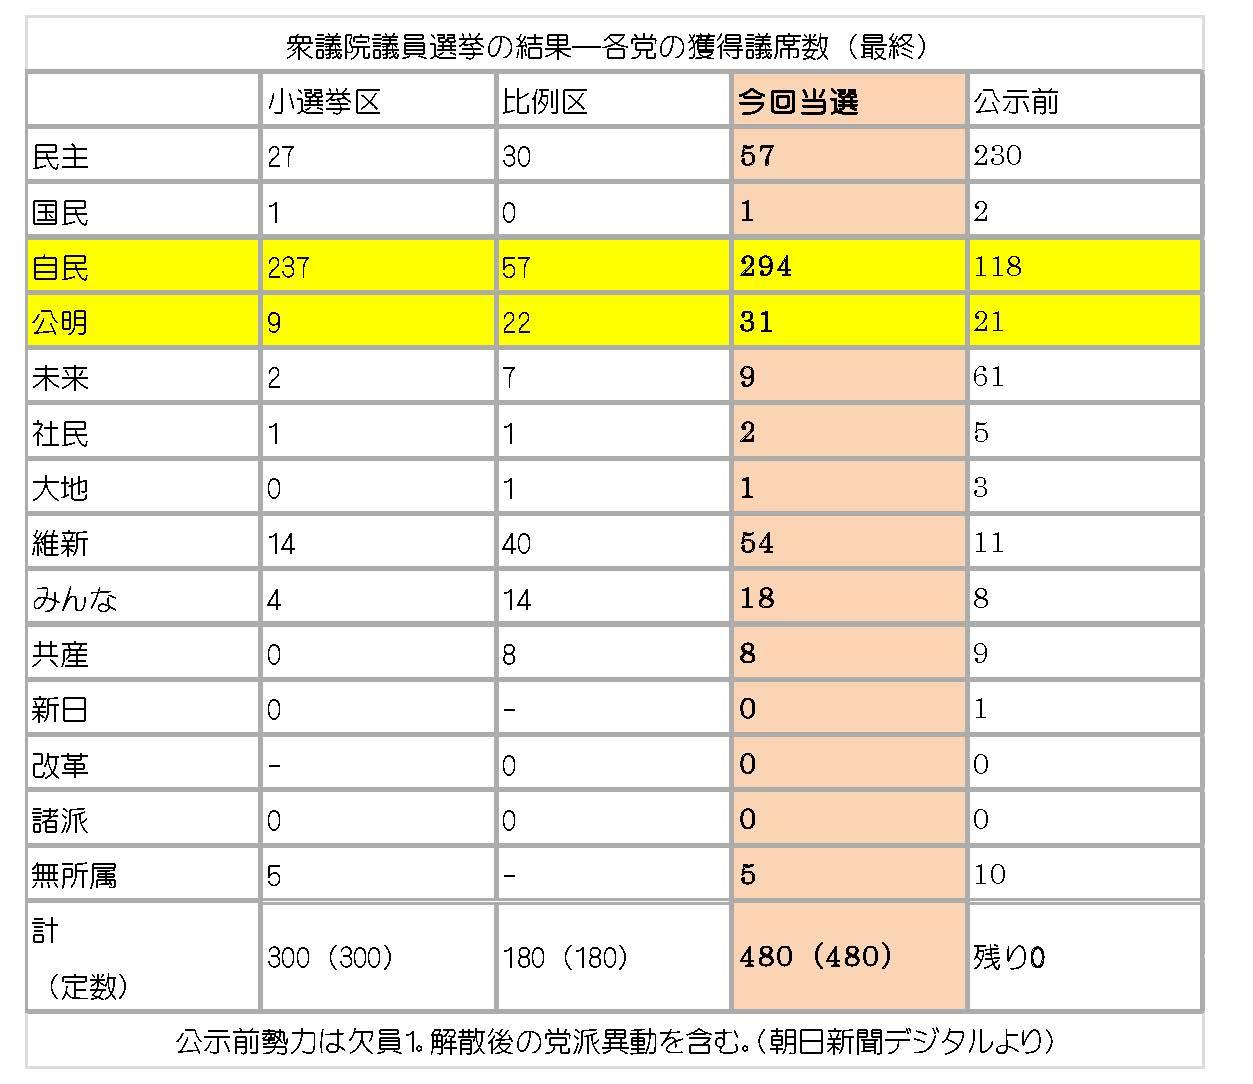 2012衆議院議員選挙結果